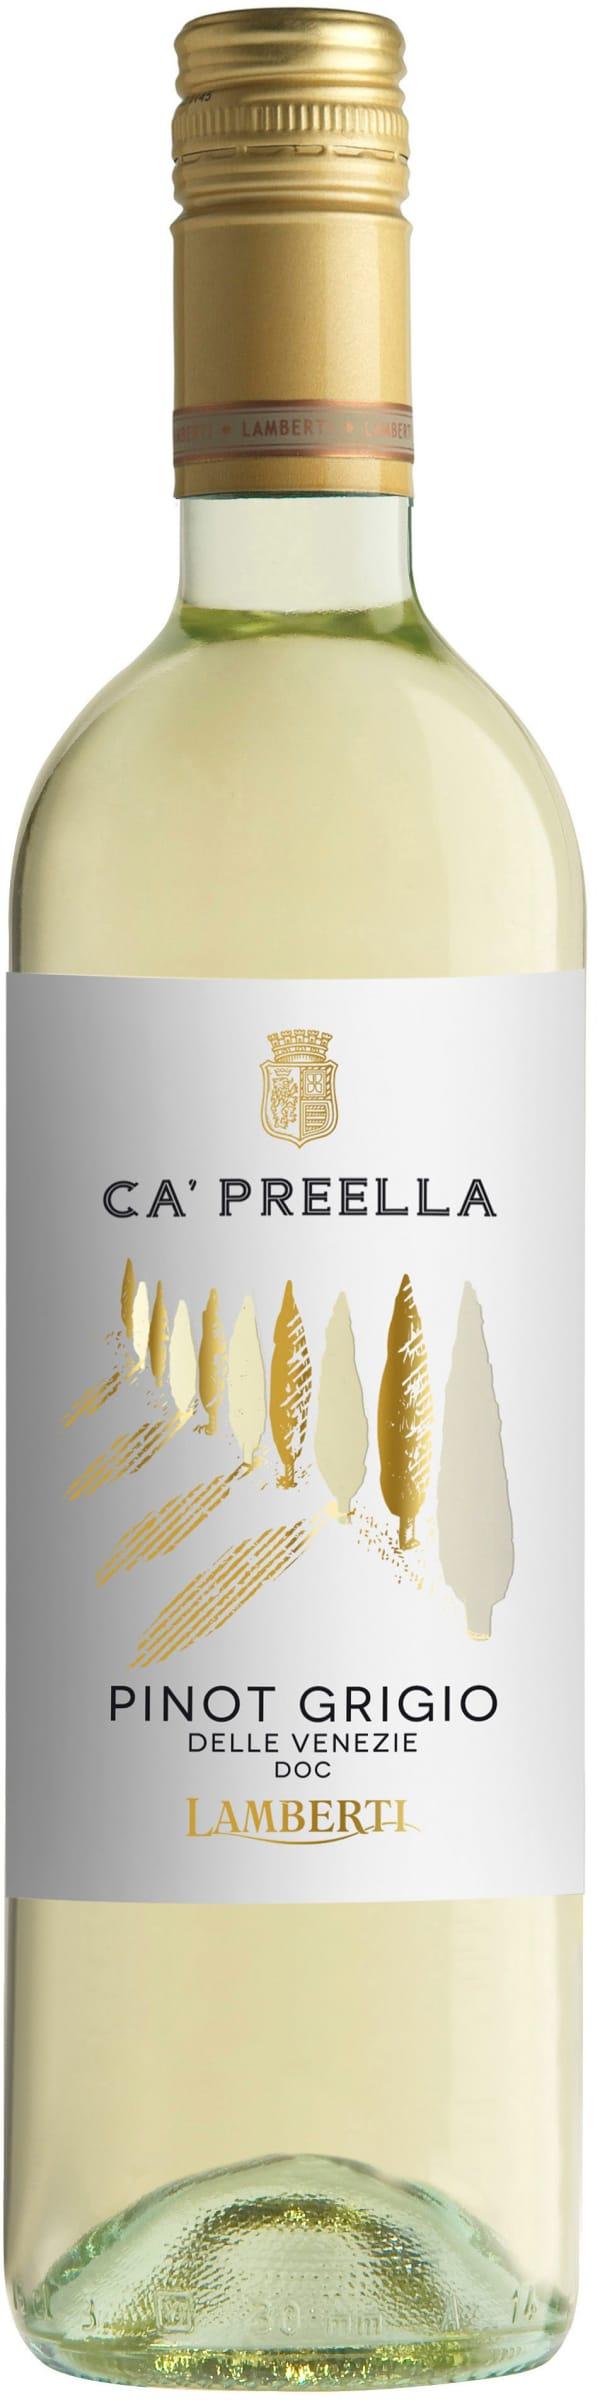 Lamberti Pinot Grigio Ca' Preella 2019